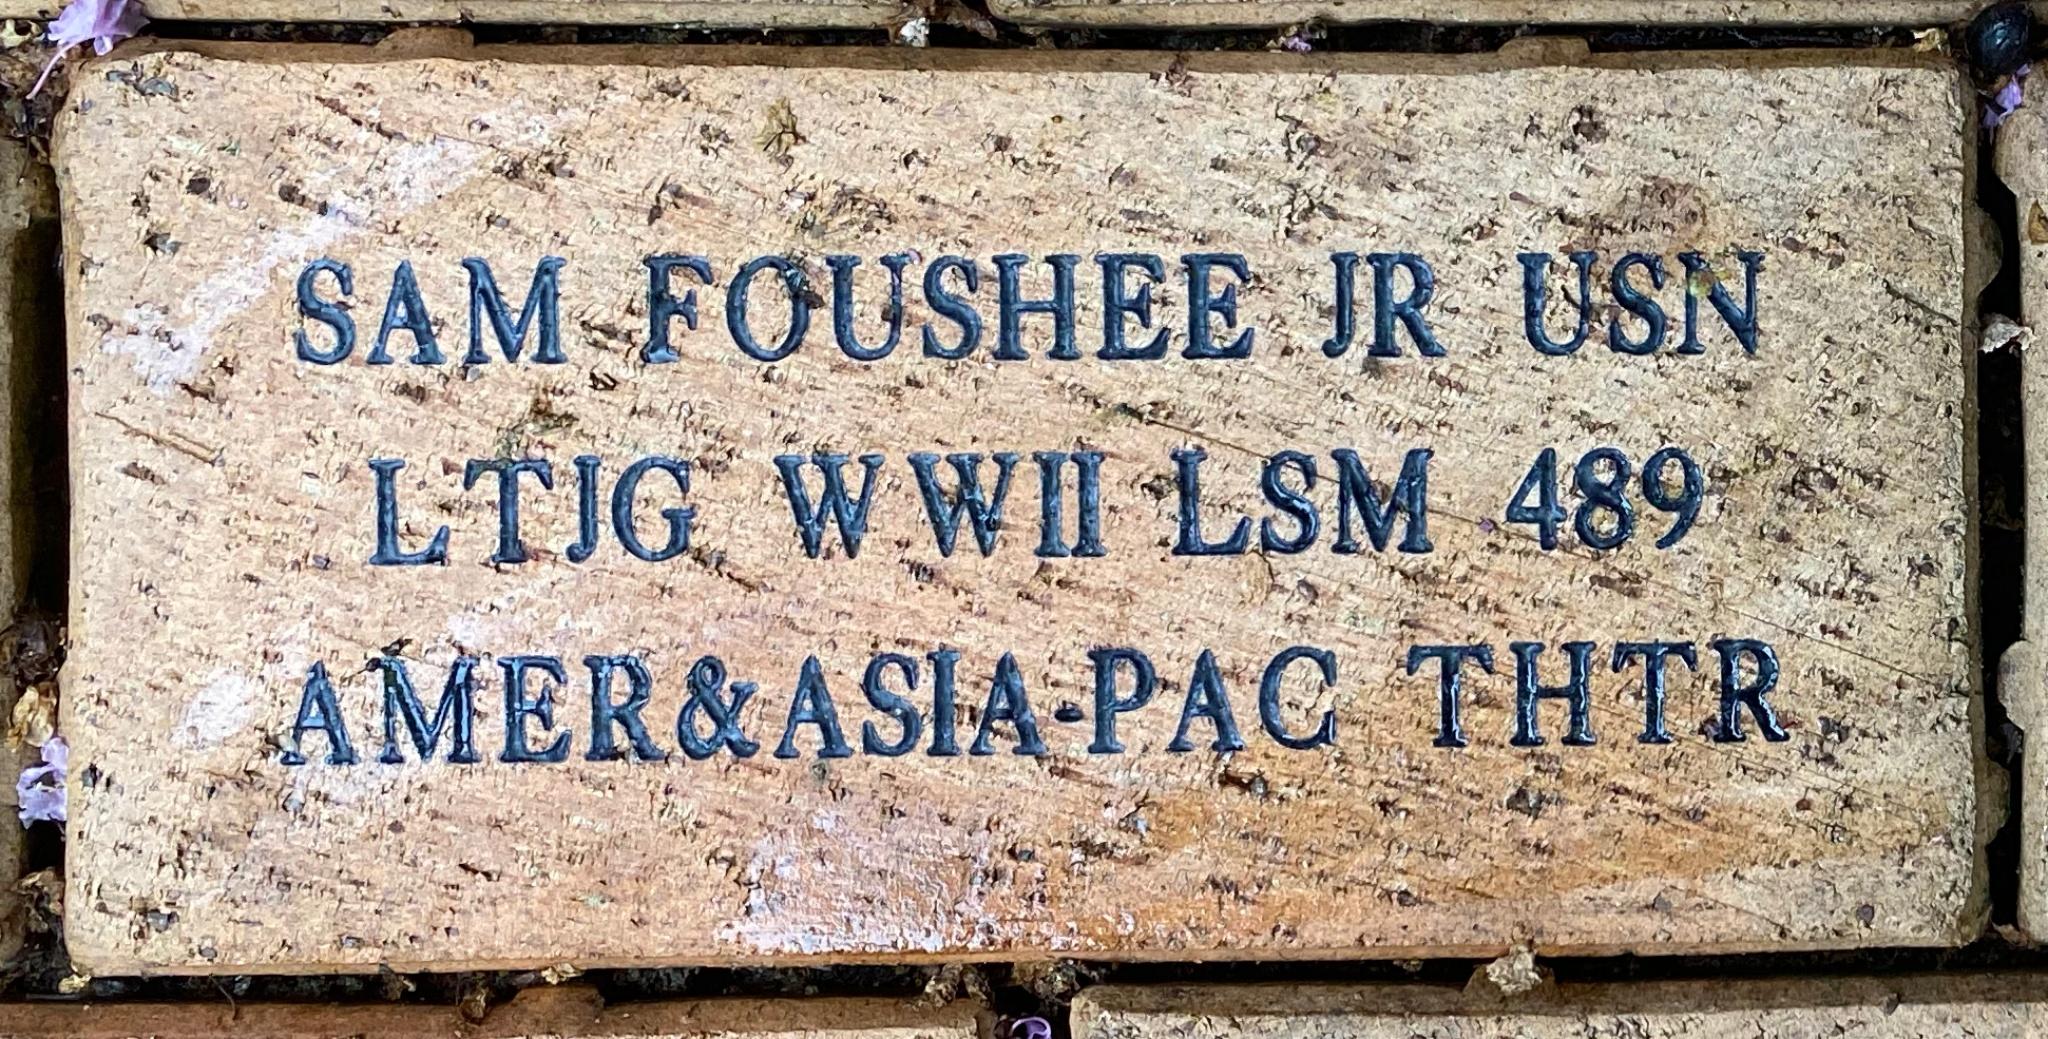 SAM FOUSHEE JR USN LTJG WWII LSM 489 AMER&ASIA-PAC THTR